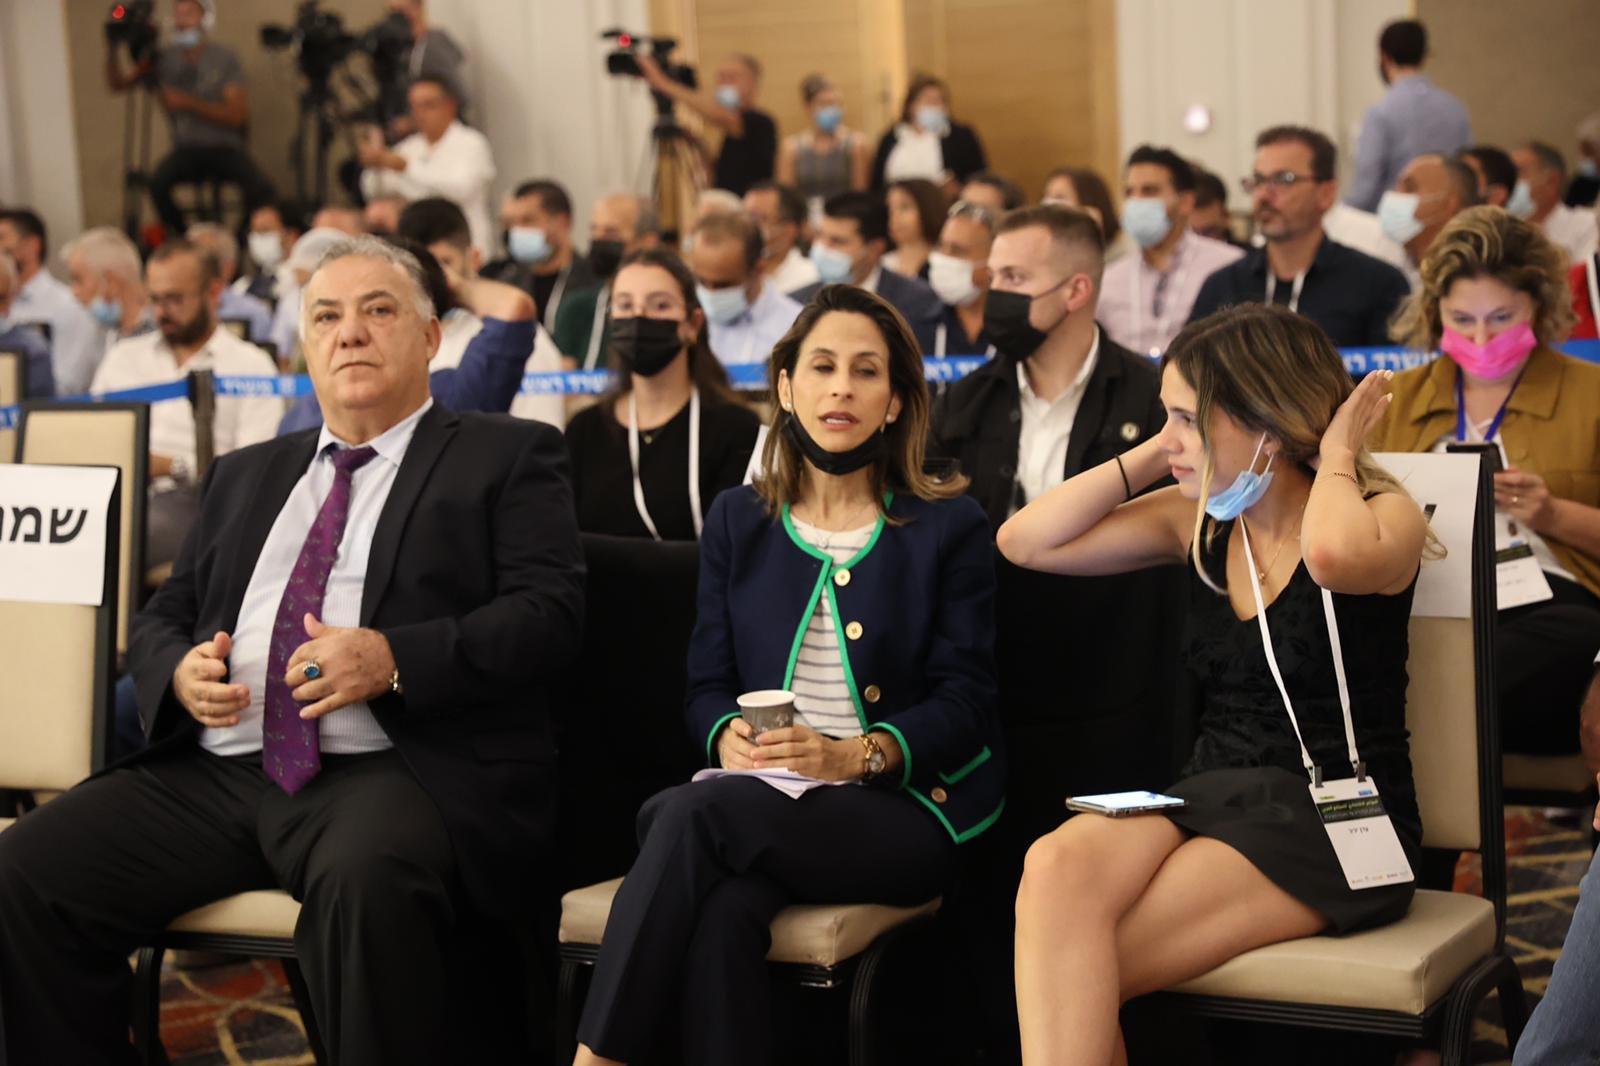 مشاركة كبيرة ومحاضرات هامة في المؤتمر الاقتصادي للمجتمع العربي بالناصرة-3